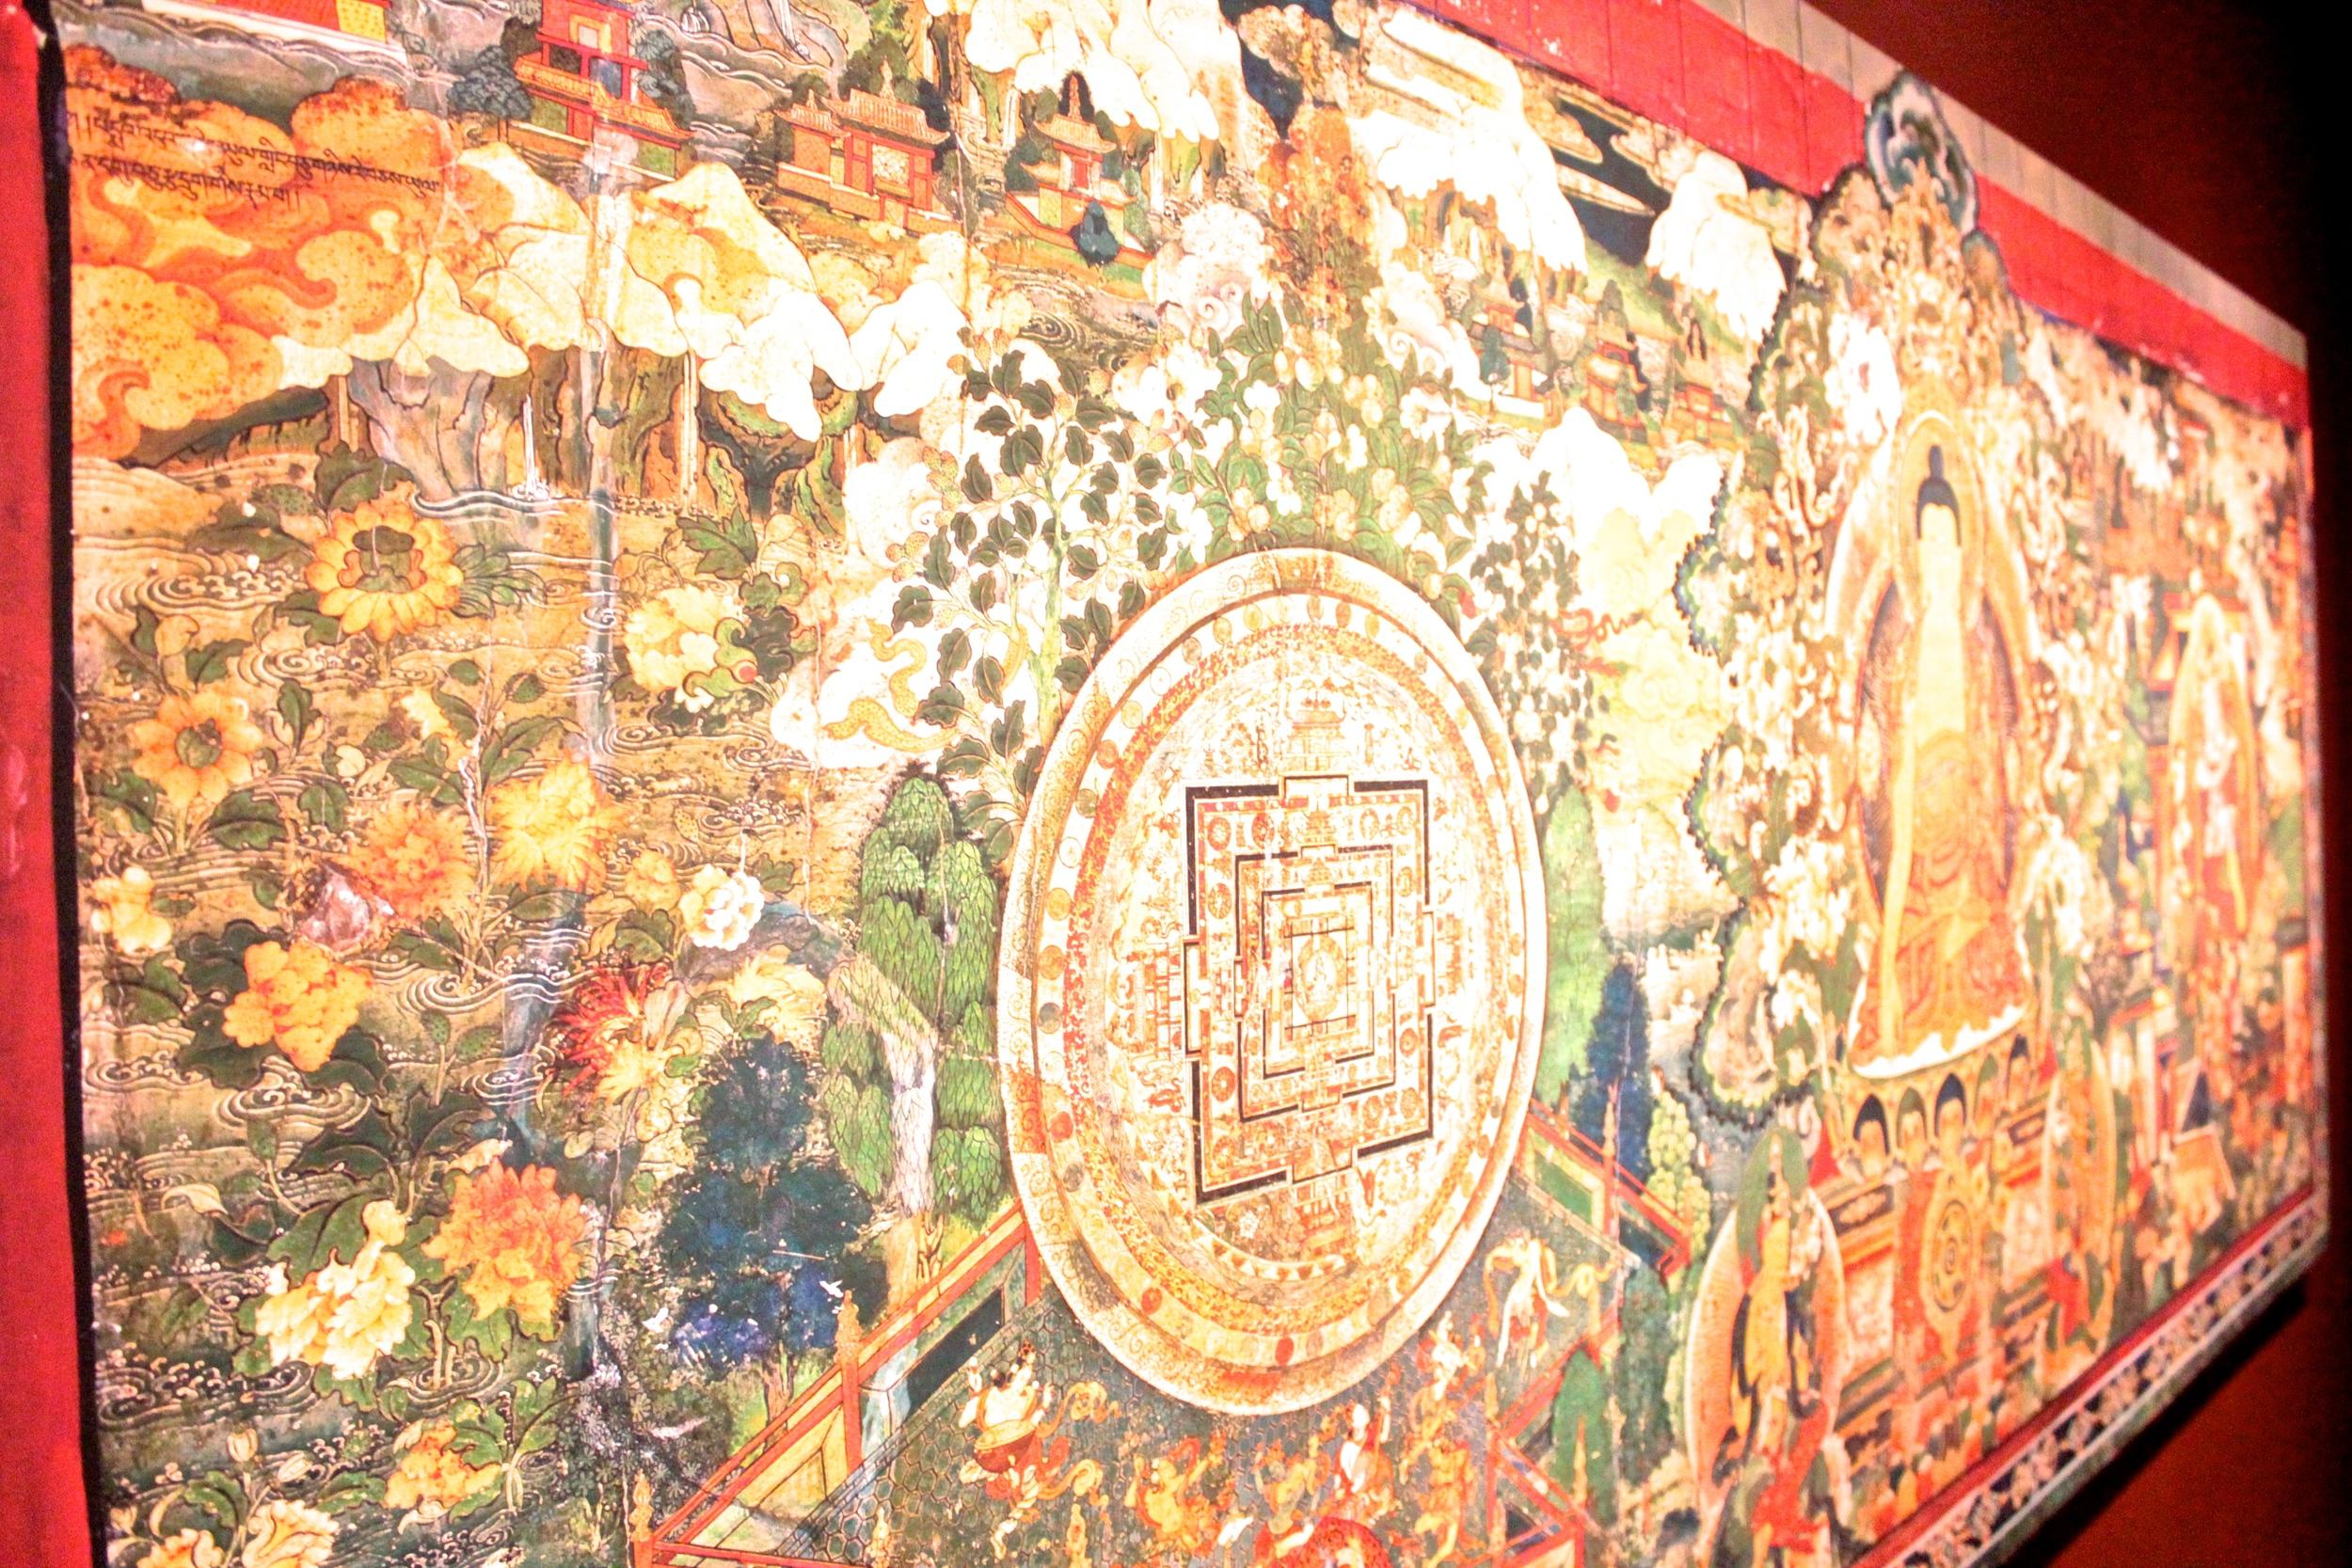 The Revelation of Kalachakra Mandala